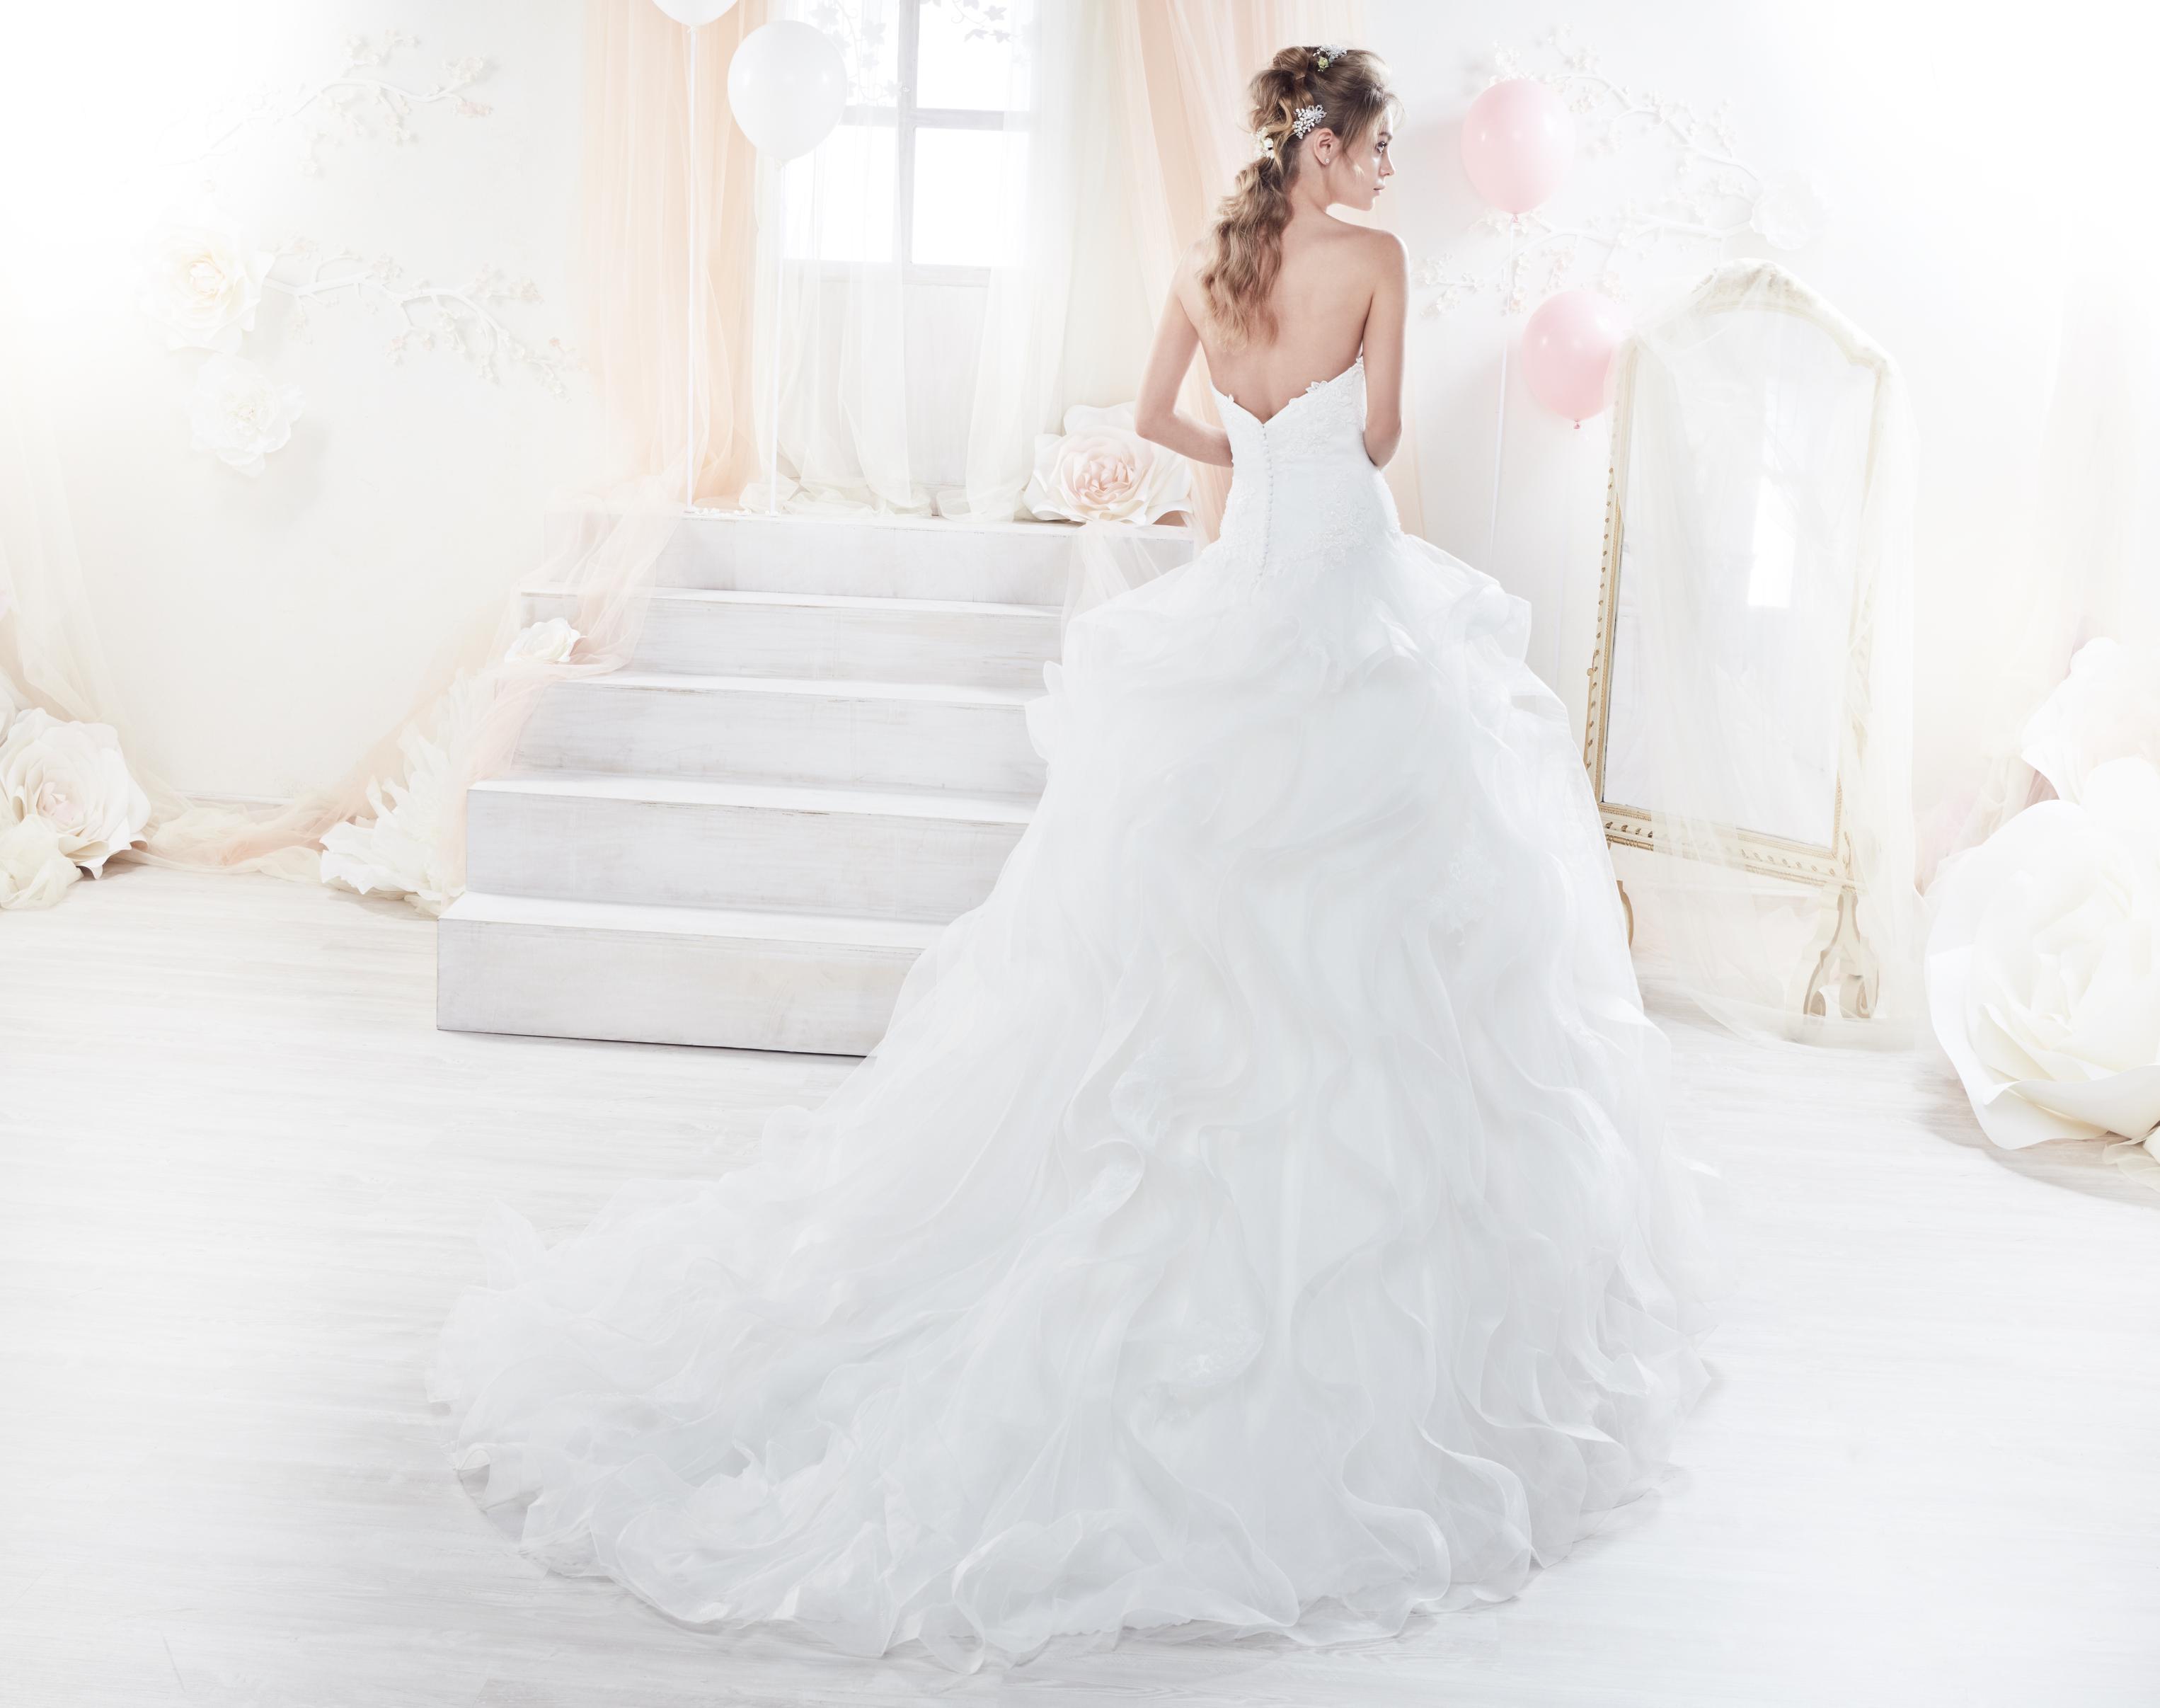 Colet 18281 abiti da sposa il giardino della sposa - Il giardino della sposa ...